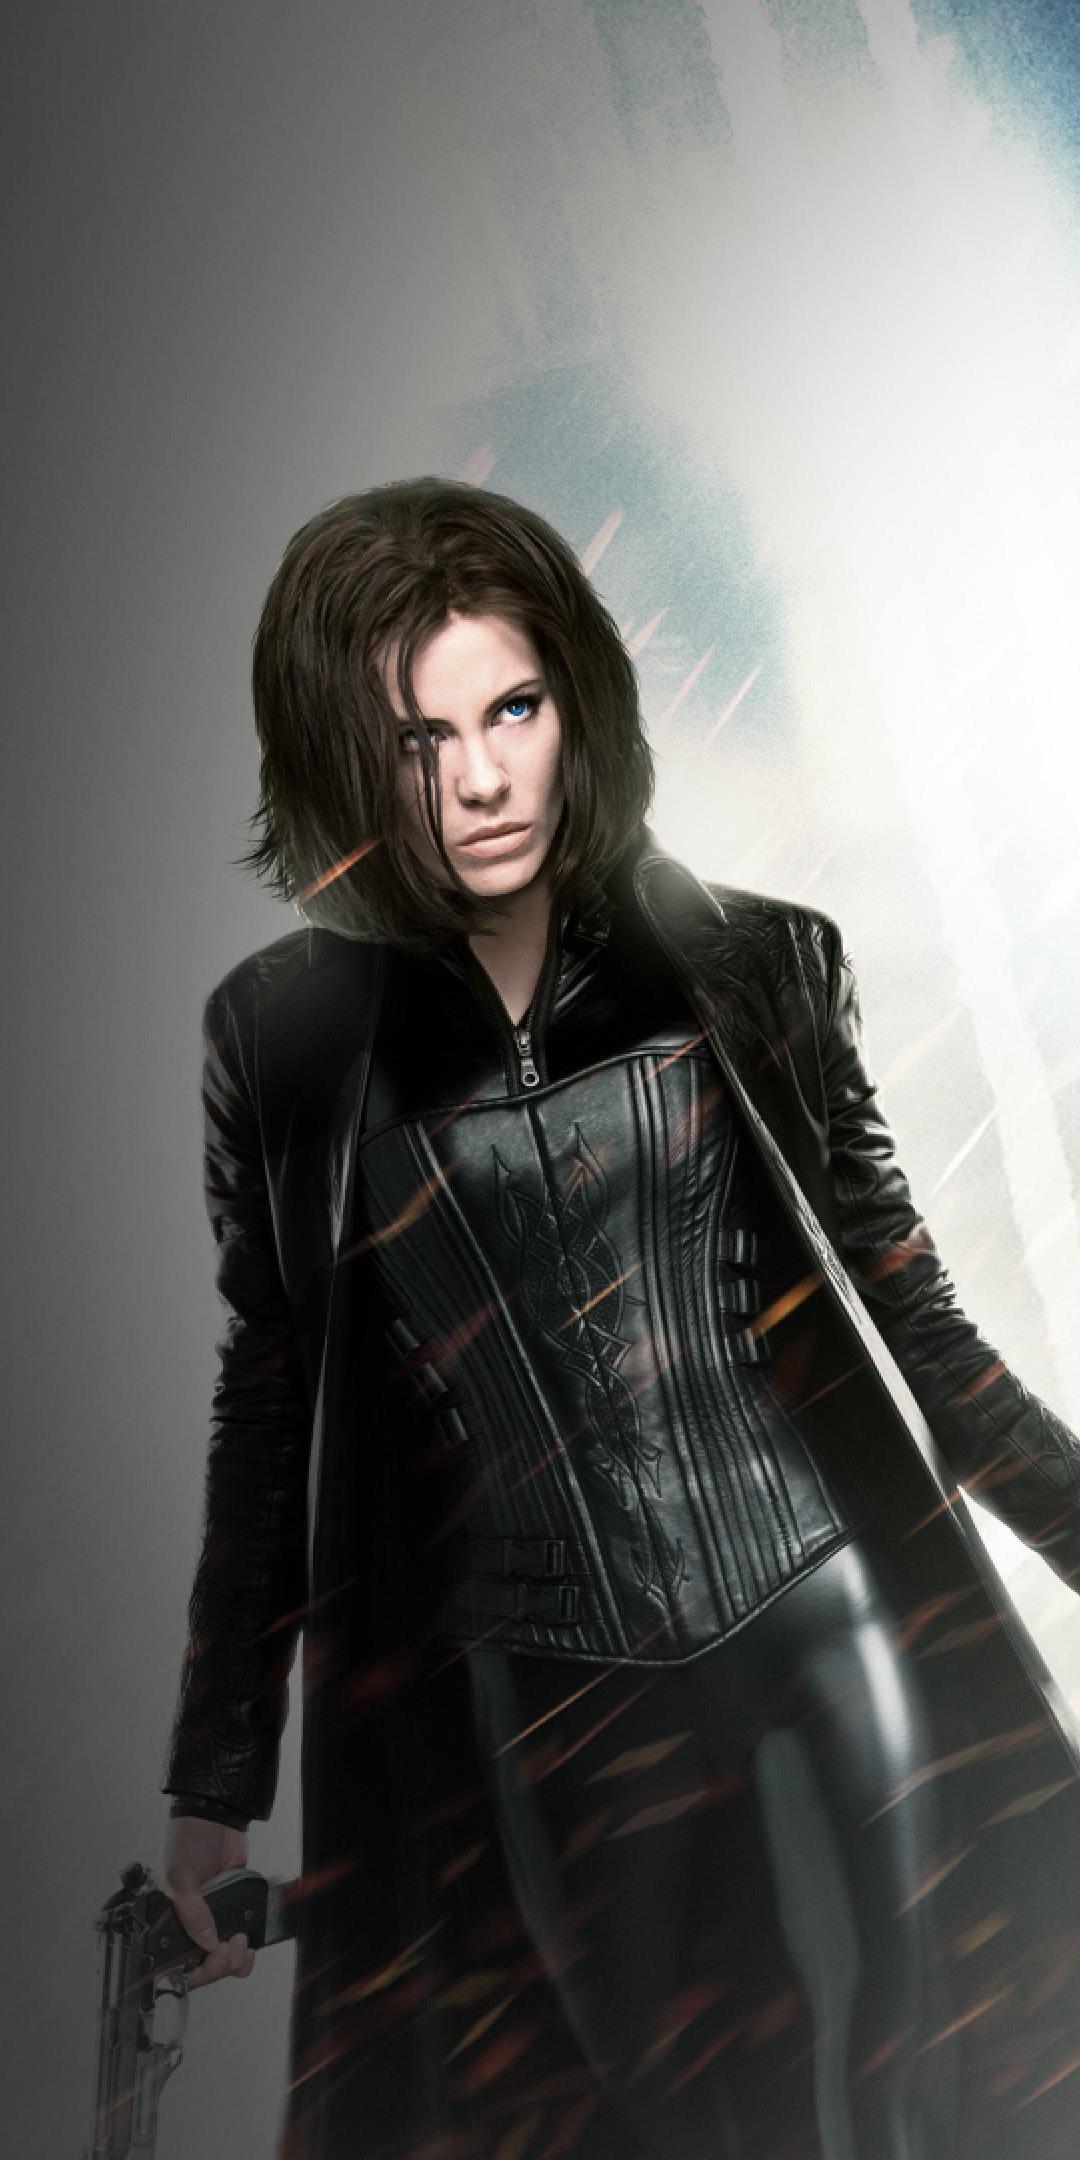 Vampire, Kate Beckinsale, Underworld, movie, 1080x2160 wallpaper